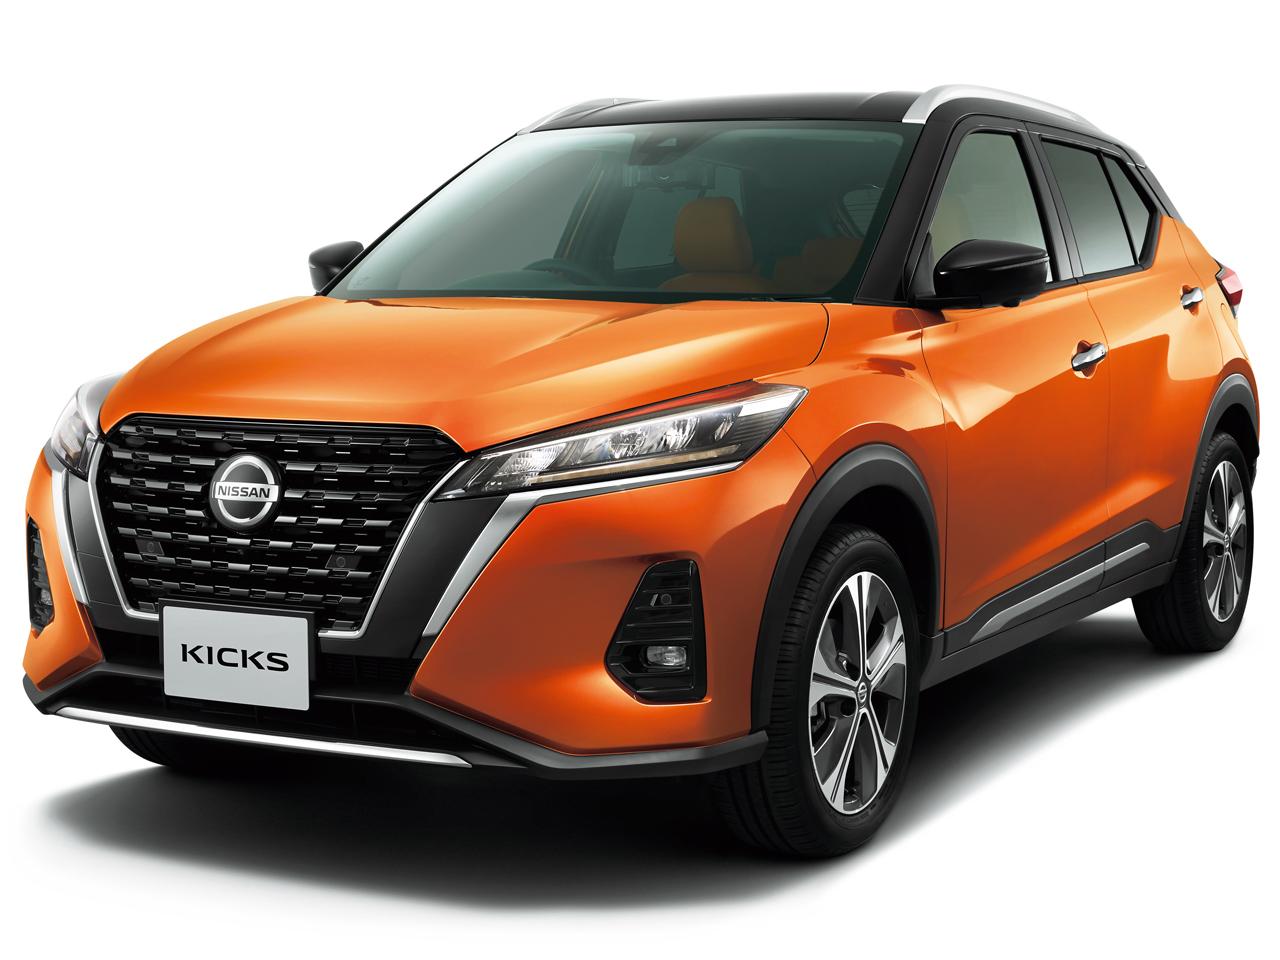 日産 キックス e-POWER 2020年モデル 新車画像